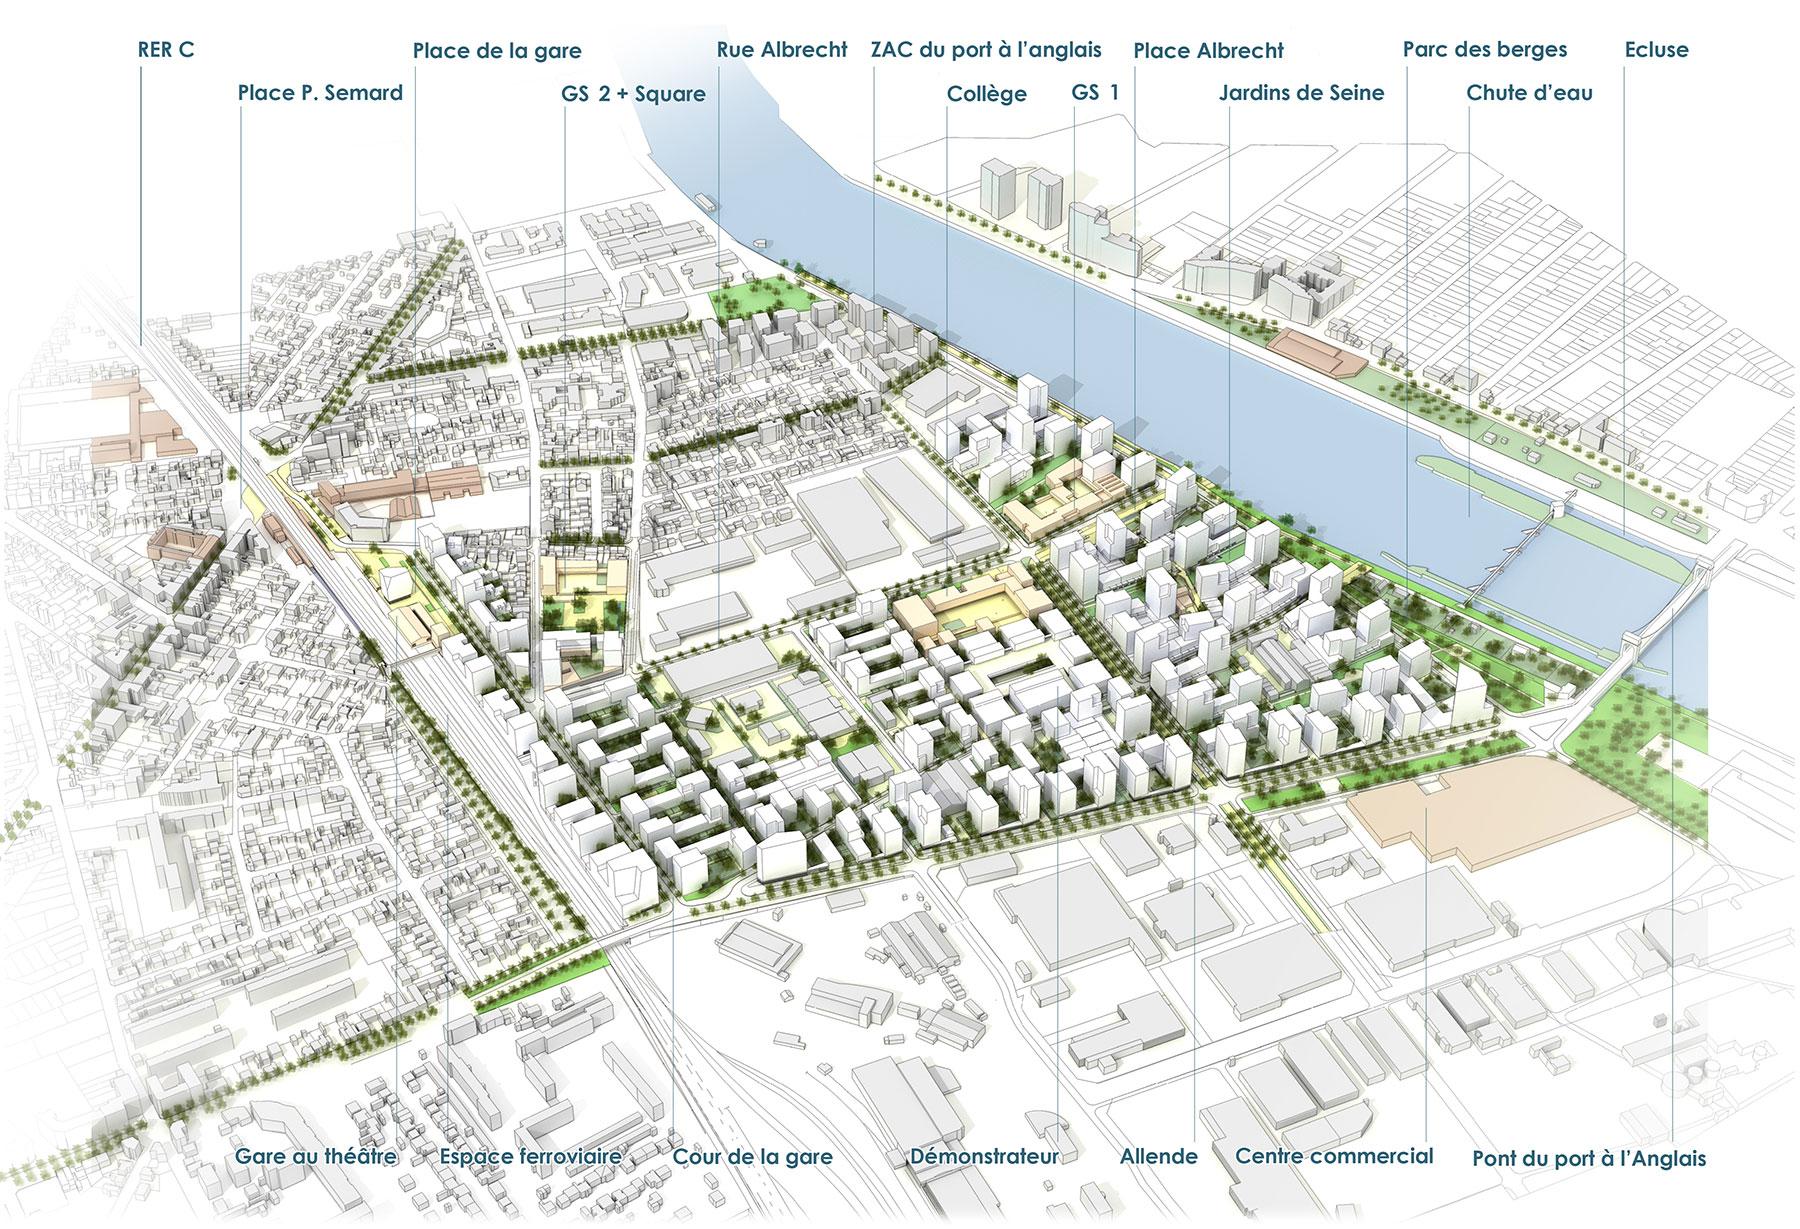 1-germe-et-jam-VITG-Vitry-gare-projet-urbain-axo-generale